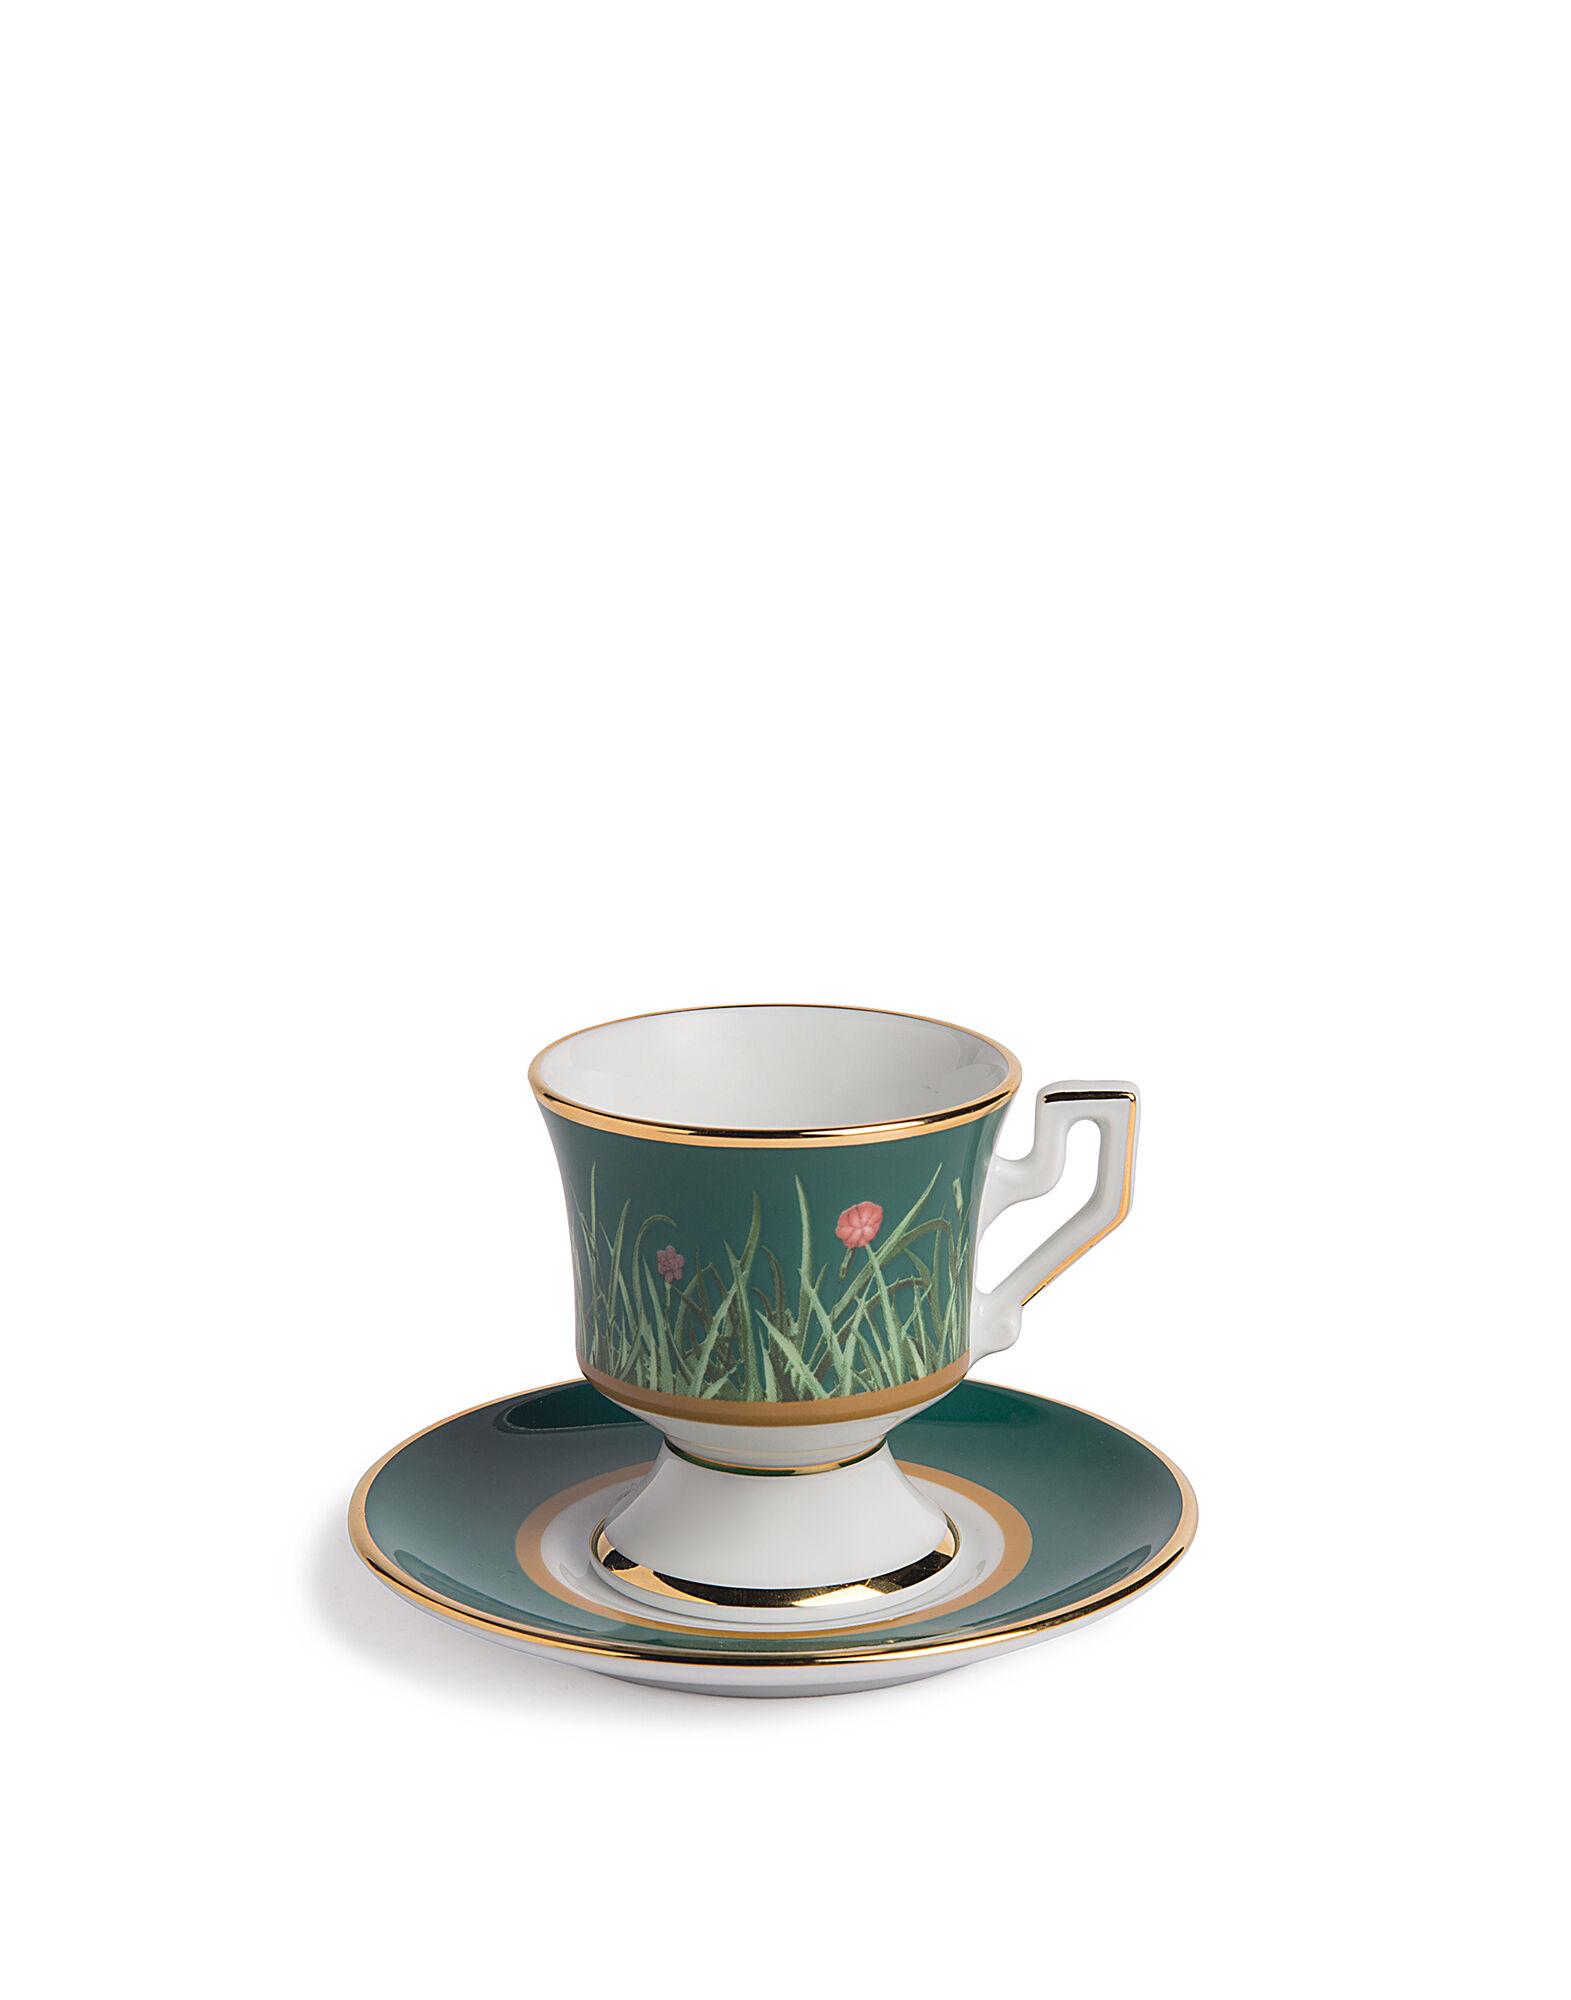 c188a86dd56 La DoubleJ Homeware - Coffee and Tea | La DoubleJ - Espresso Cup ...